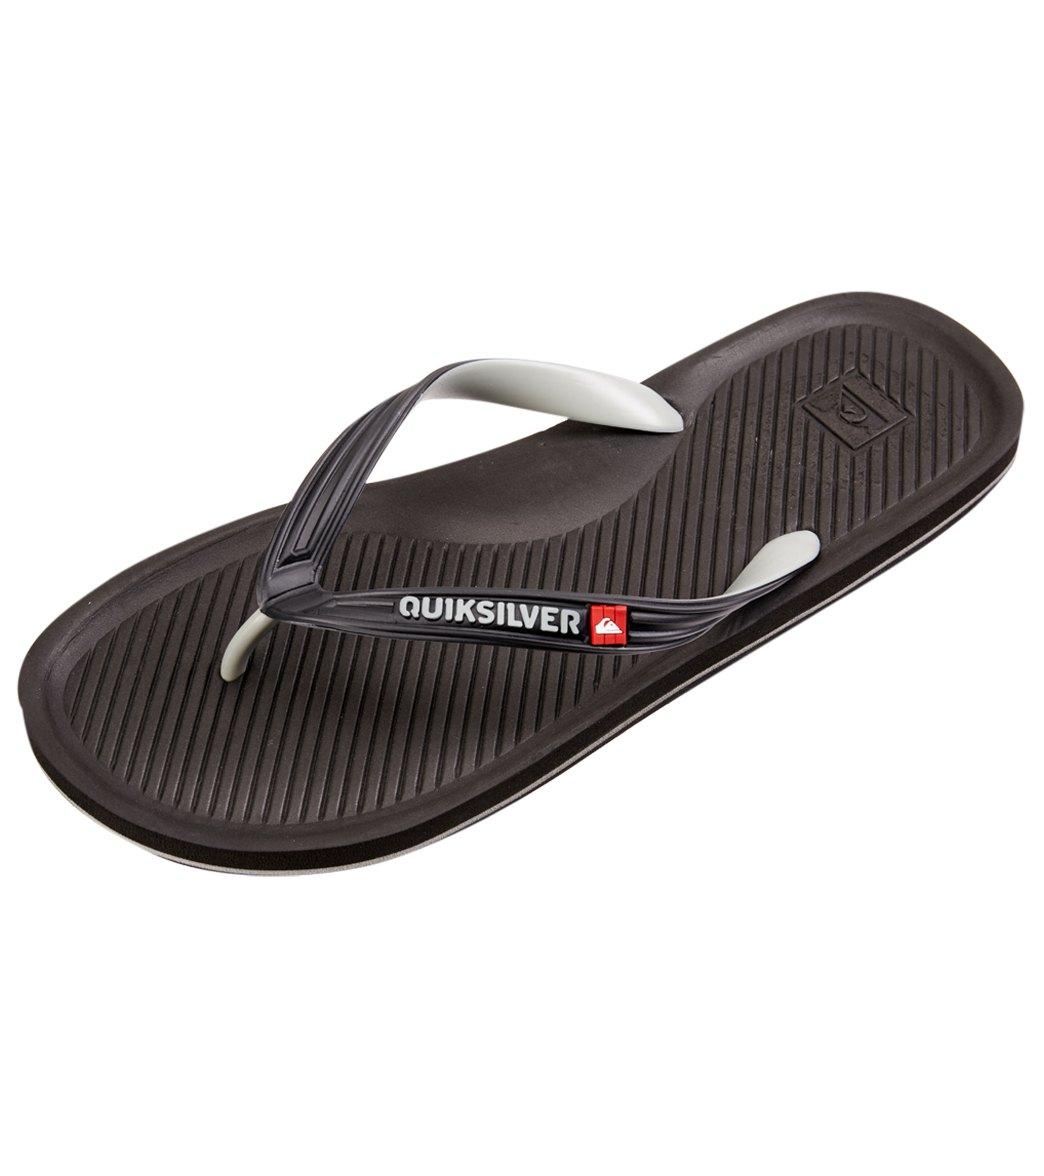 quiksilver flip flops